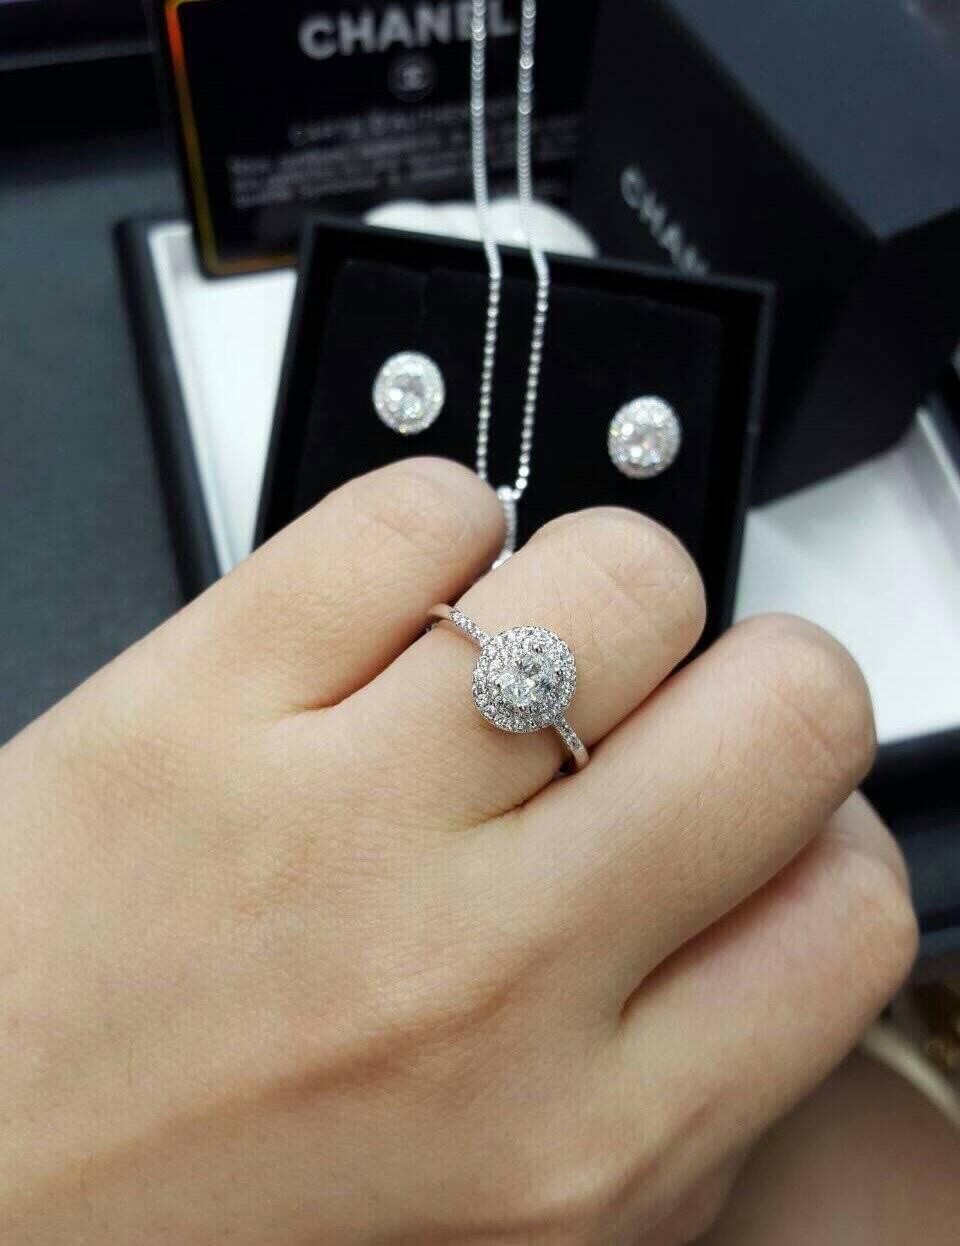 เซตต่างหู+สร้อย+จี้+แหวน งานเพชร CZ แท้ ของจริงสวยมั๊กๆเลย เพชรเล่นไฟดีมากๆ